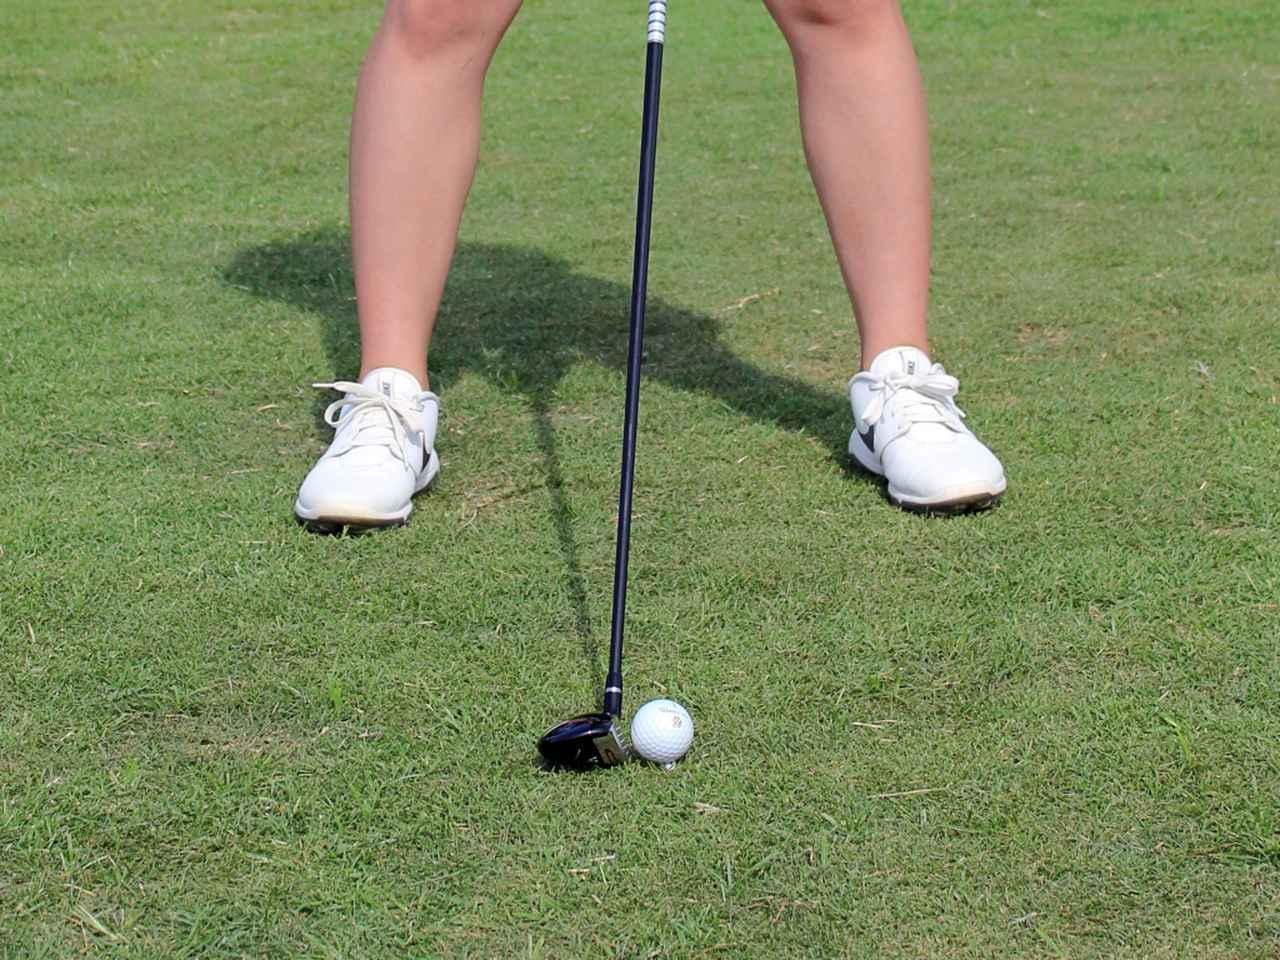 画像: ボール位置は体の真ん中、あるいはそれよりも少し左寄りが正解